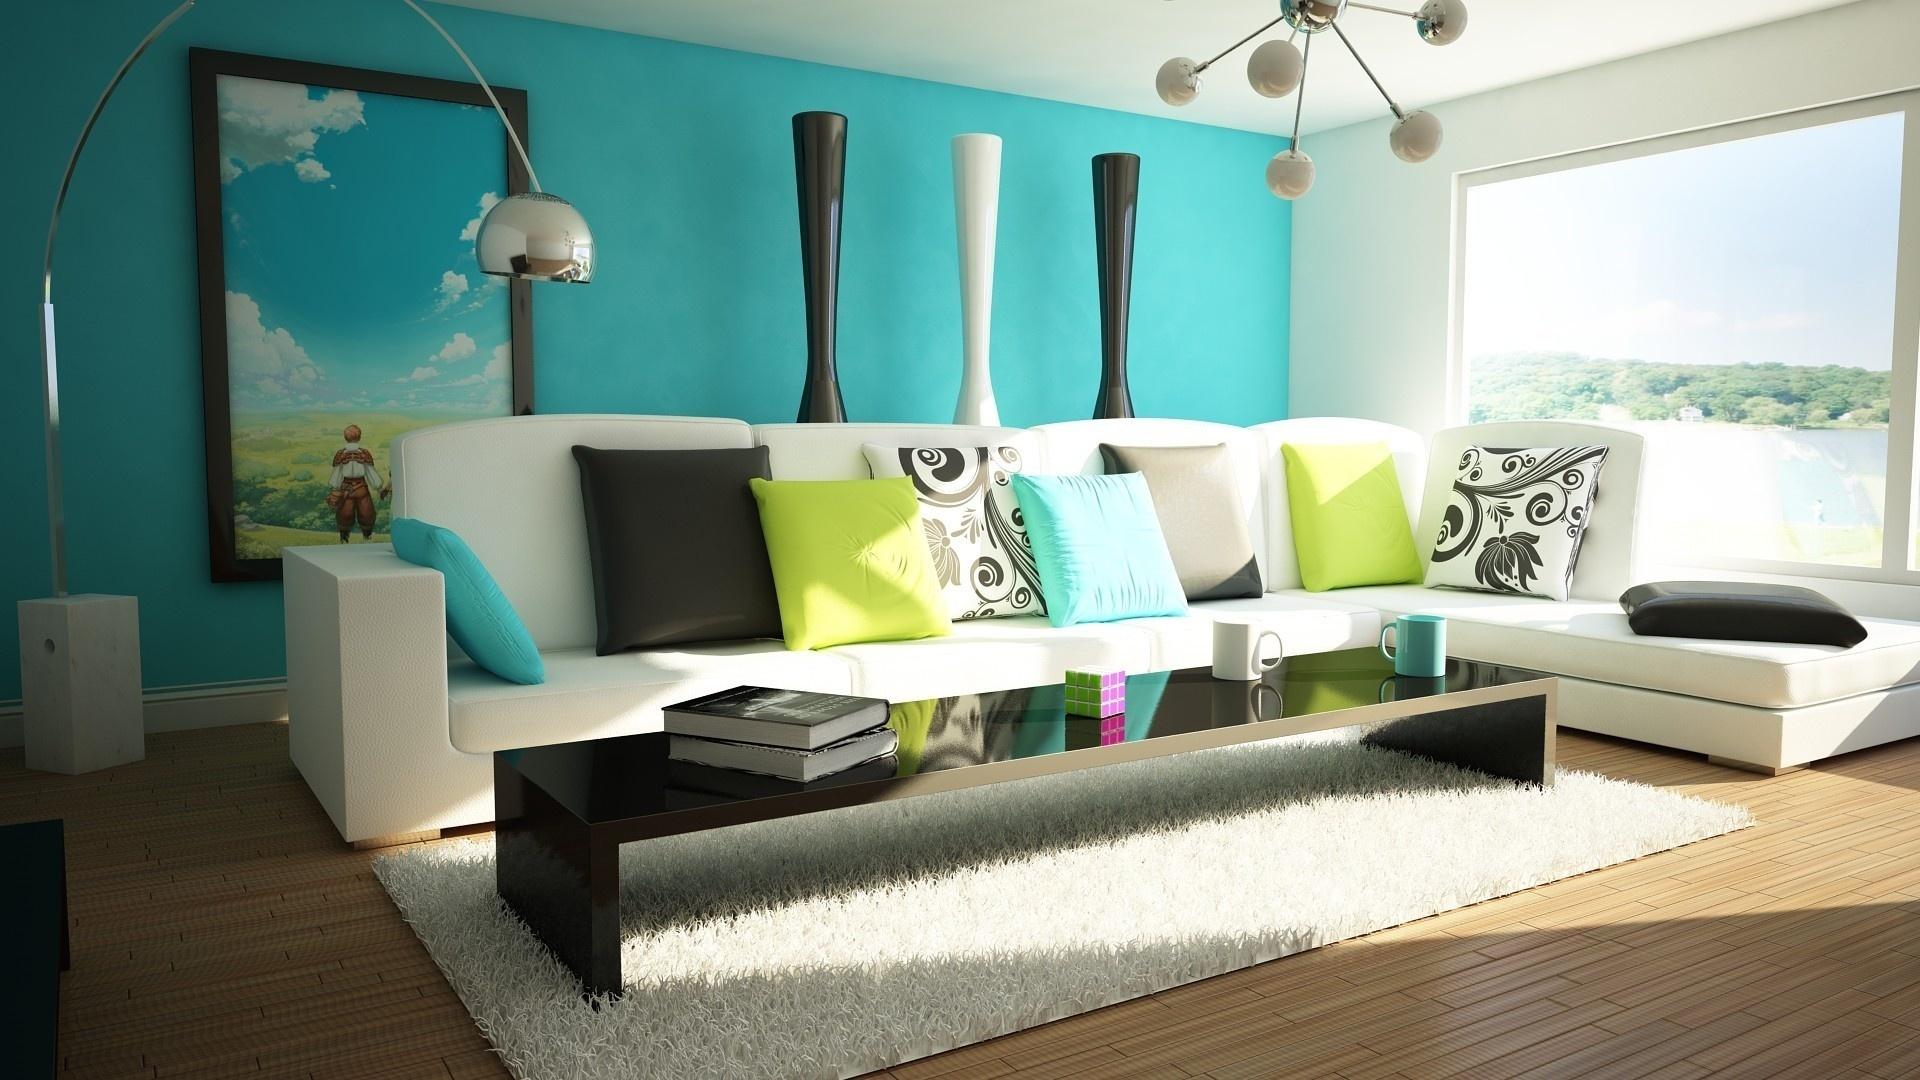 Разрешение 1440x900px, обоя дом и уют, интерьер, комната, in.